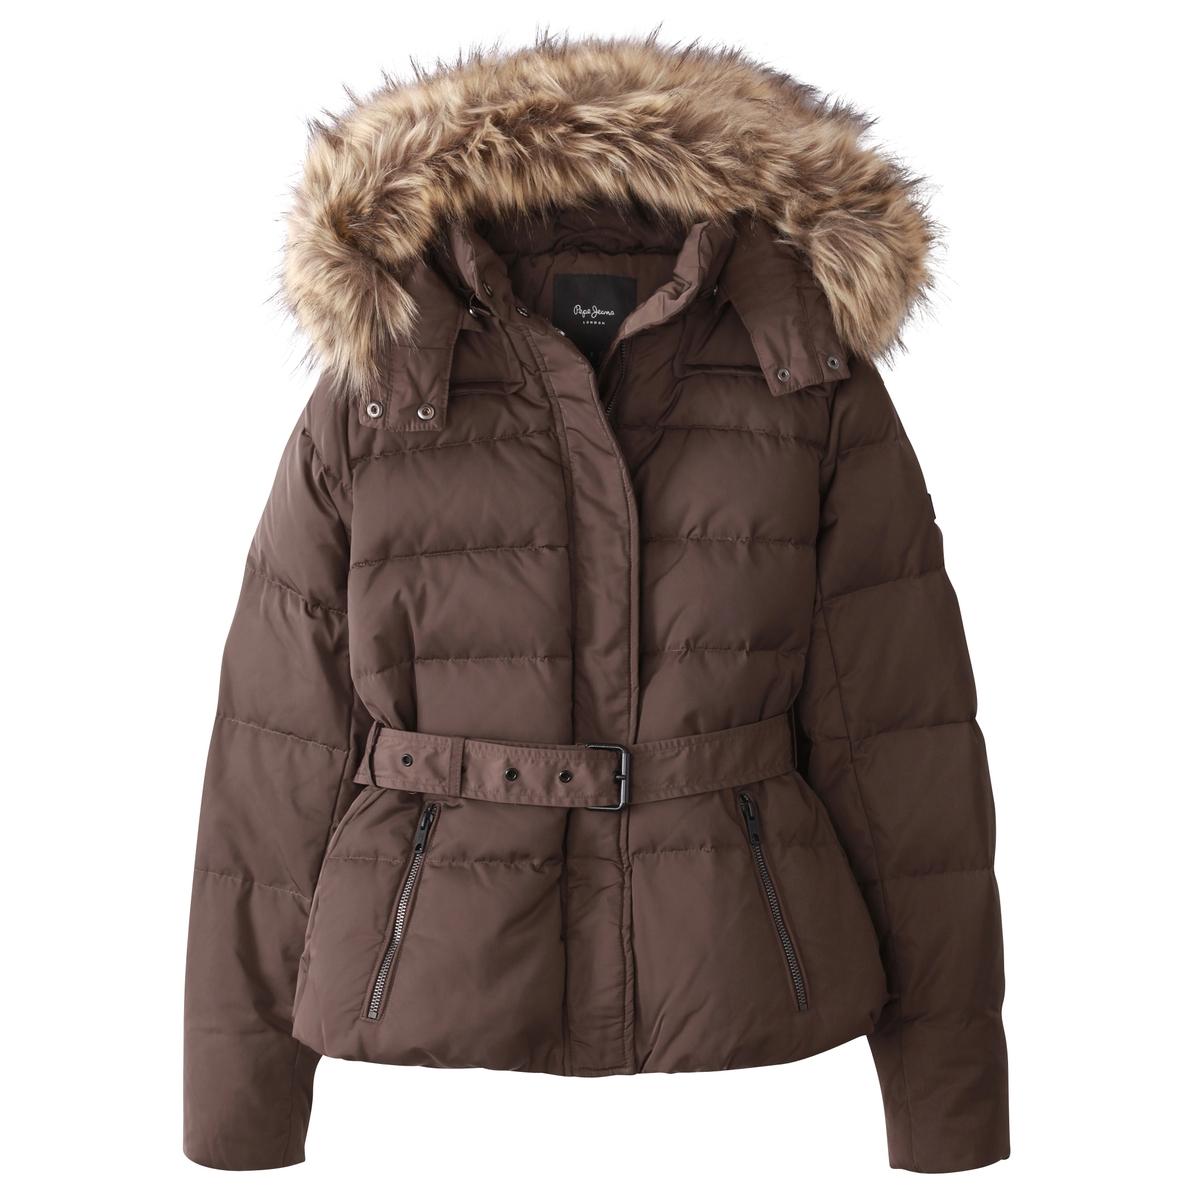 Куртка стеганаяДетали •  Длина  : удлиненная модель •  Капюшон  •  Застежка на молниюСостав и уход •  100% полиэстер •  Следуйте советам по уходу, указанным на этикетке<br><br>Цвет: хаки,черный,шоколадный<br>Размер: XL